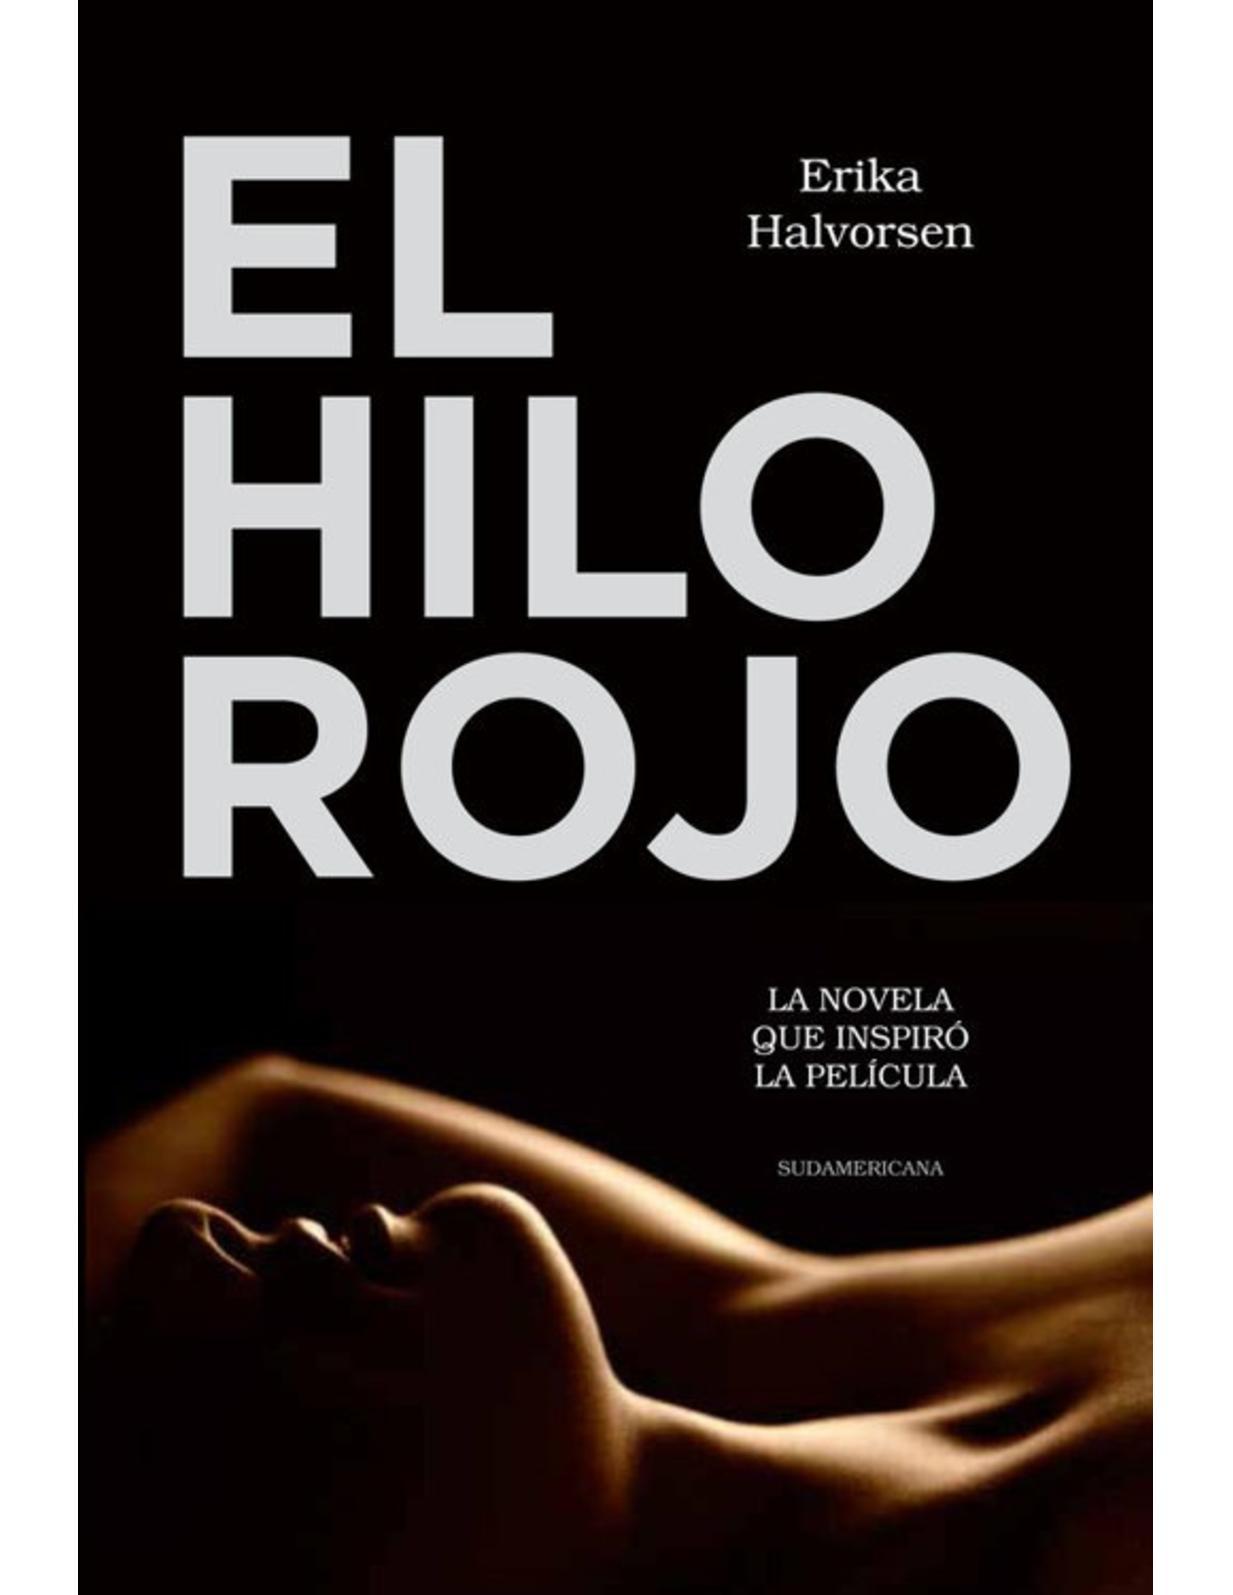 Calaméo - El Hilo Rojo Erika Halvorsen (1)